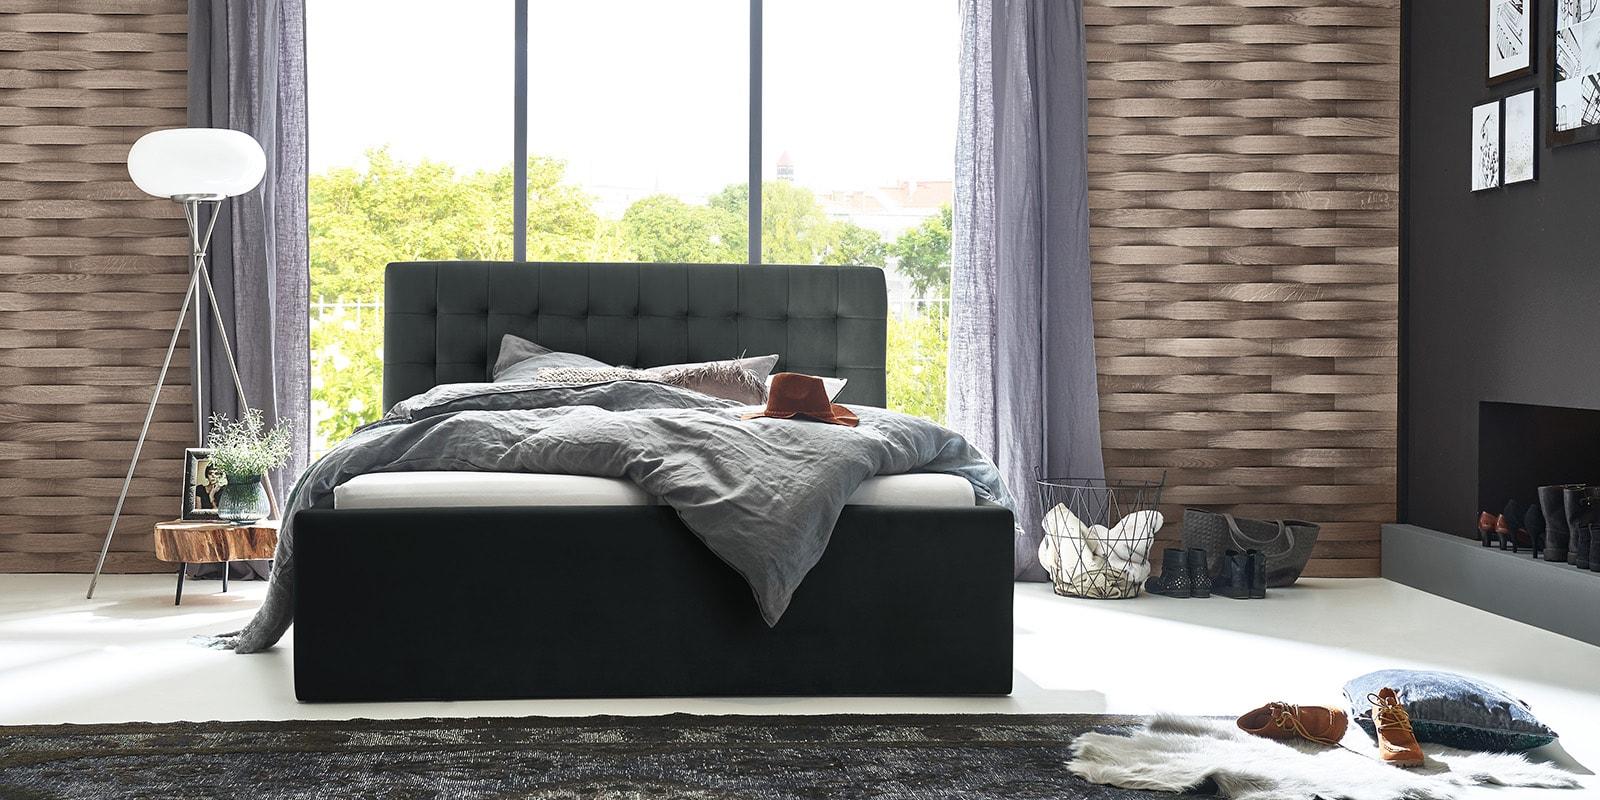 Moebella24 - Bett - mit - Bettkasten - Molly - Samt - Anthrazit - Stauraum - Bettkasten - und - Lattenrost - vormontiert - verstärkte - Dämpfer - Frontal